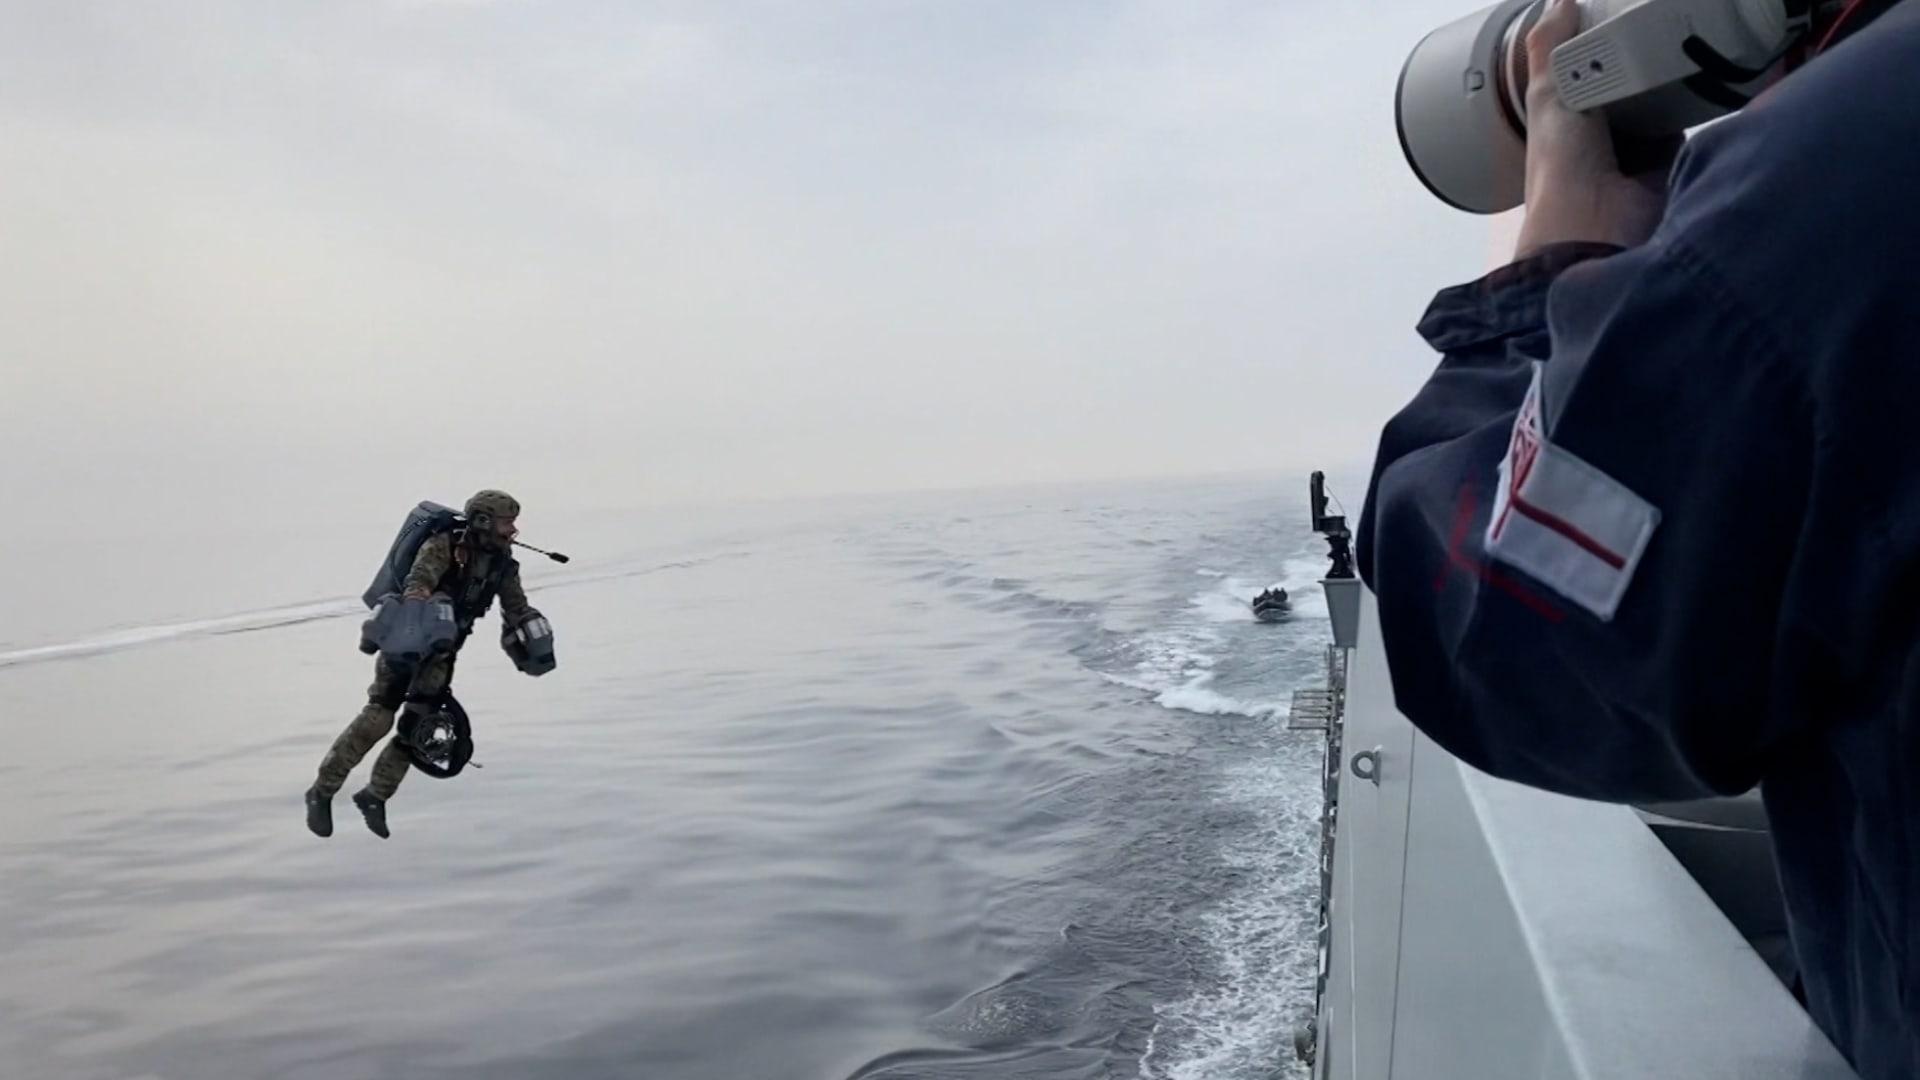 البحرية الملكية البريطانية تختبر بدلة نفاثة تتحدى الجاذبية.. إليكم كيف تعمل